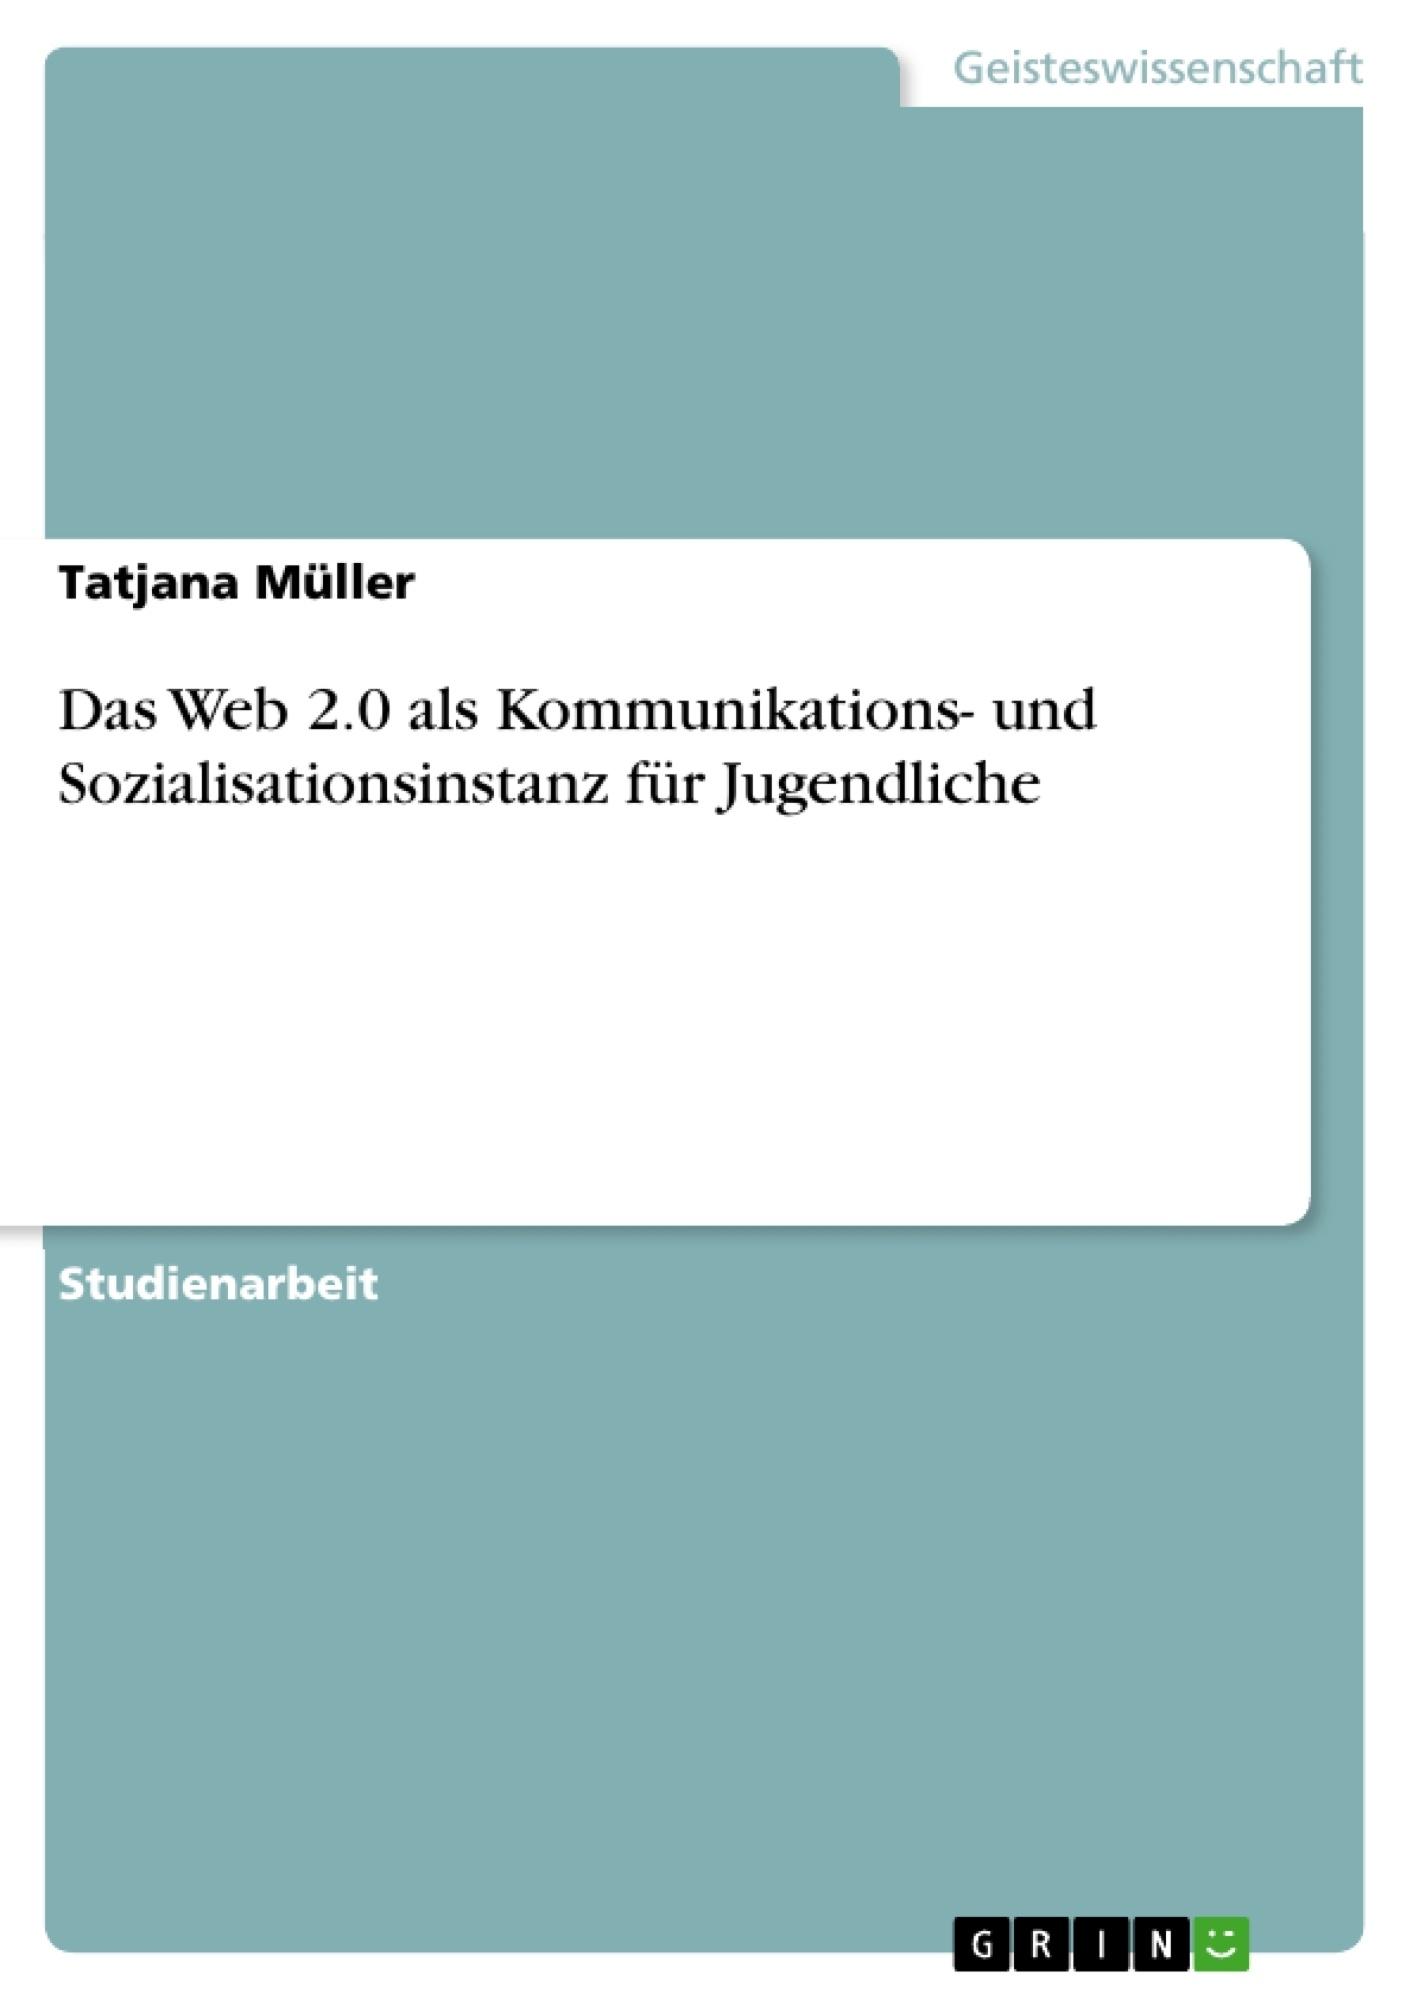 Titel: Das Web 2.0 als Kommunikations- und Sozialisationsinstanz für Jugendliche